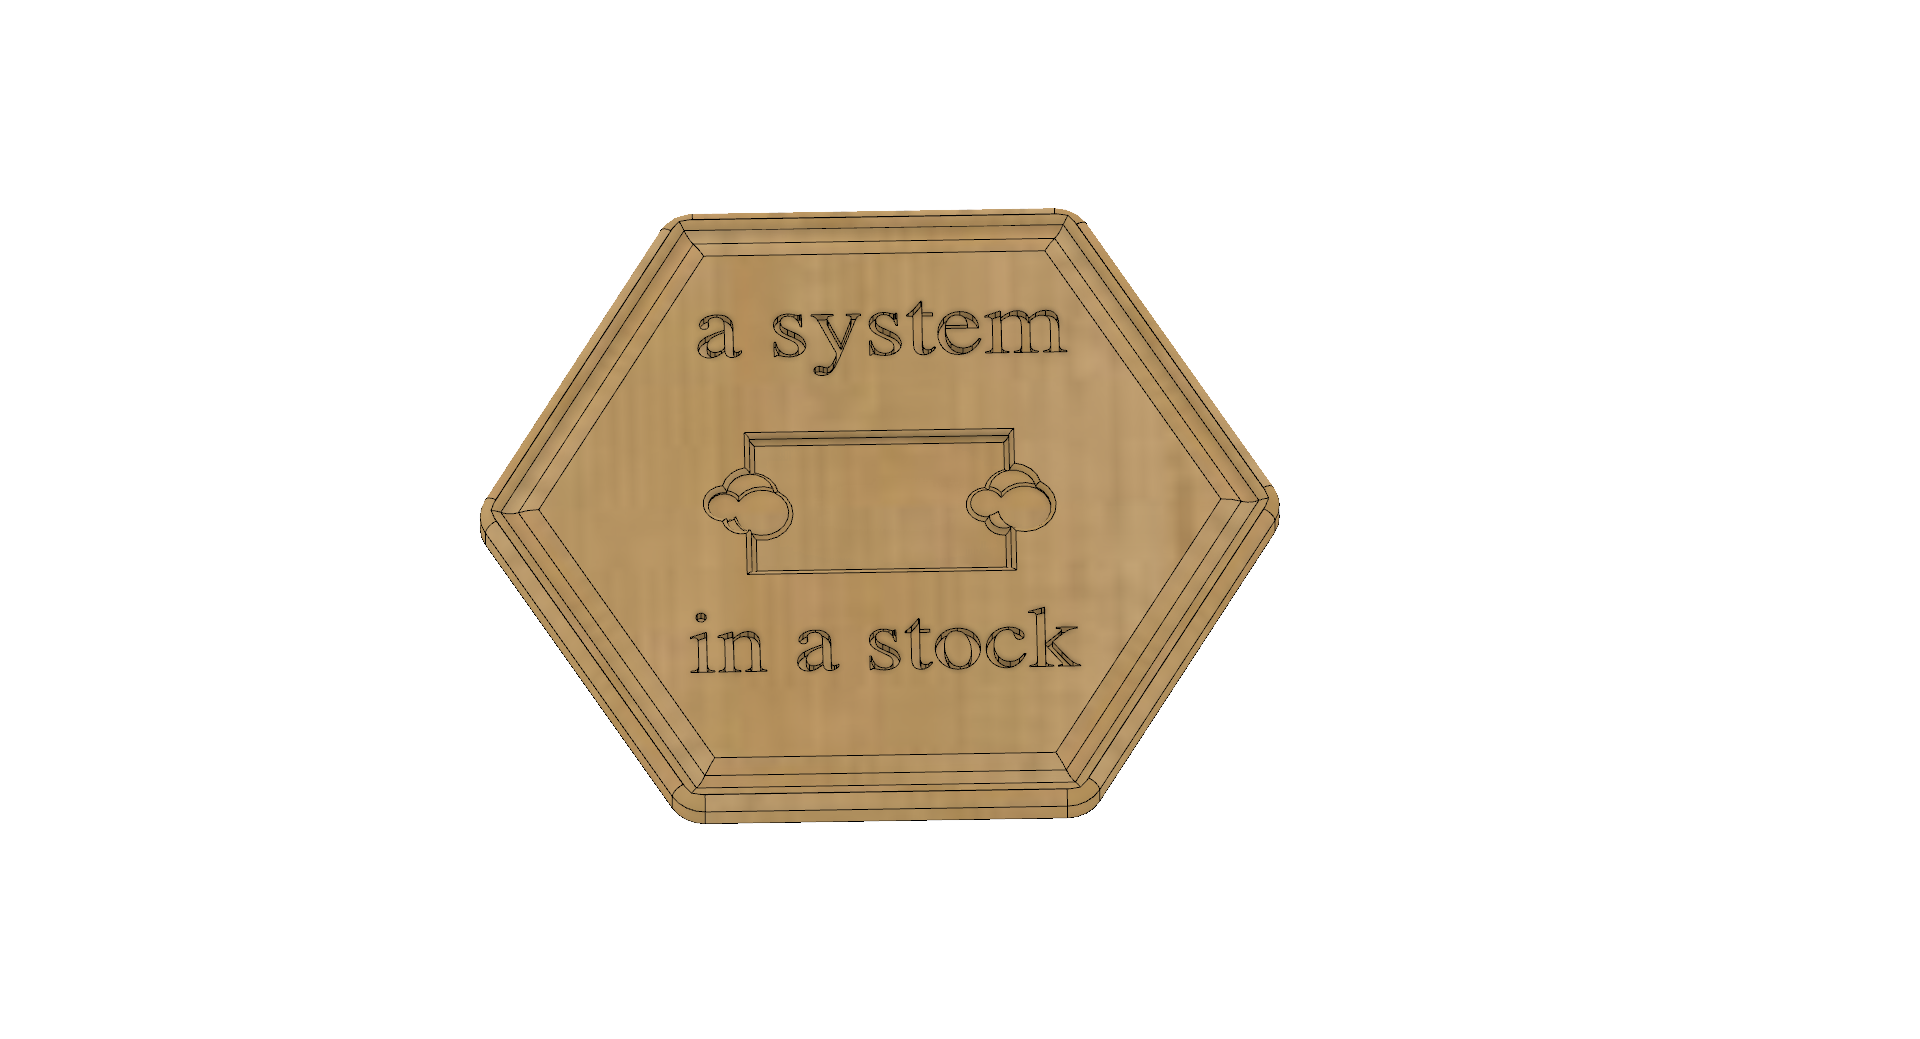 SD Coaster stock v2 wood